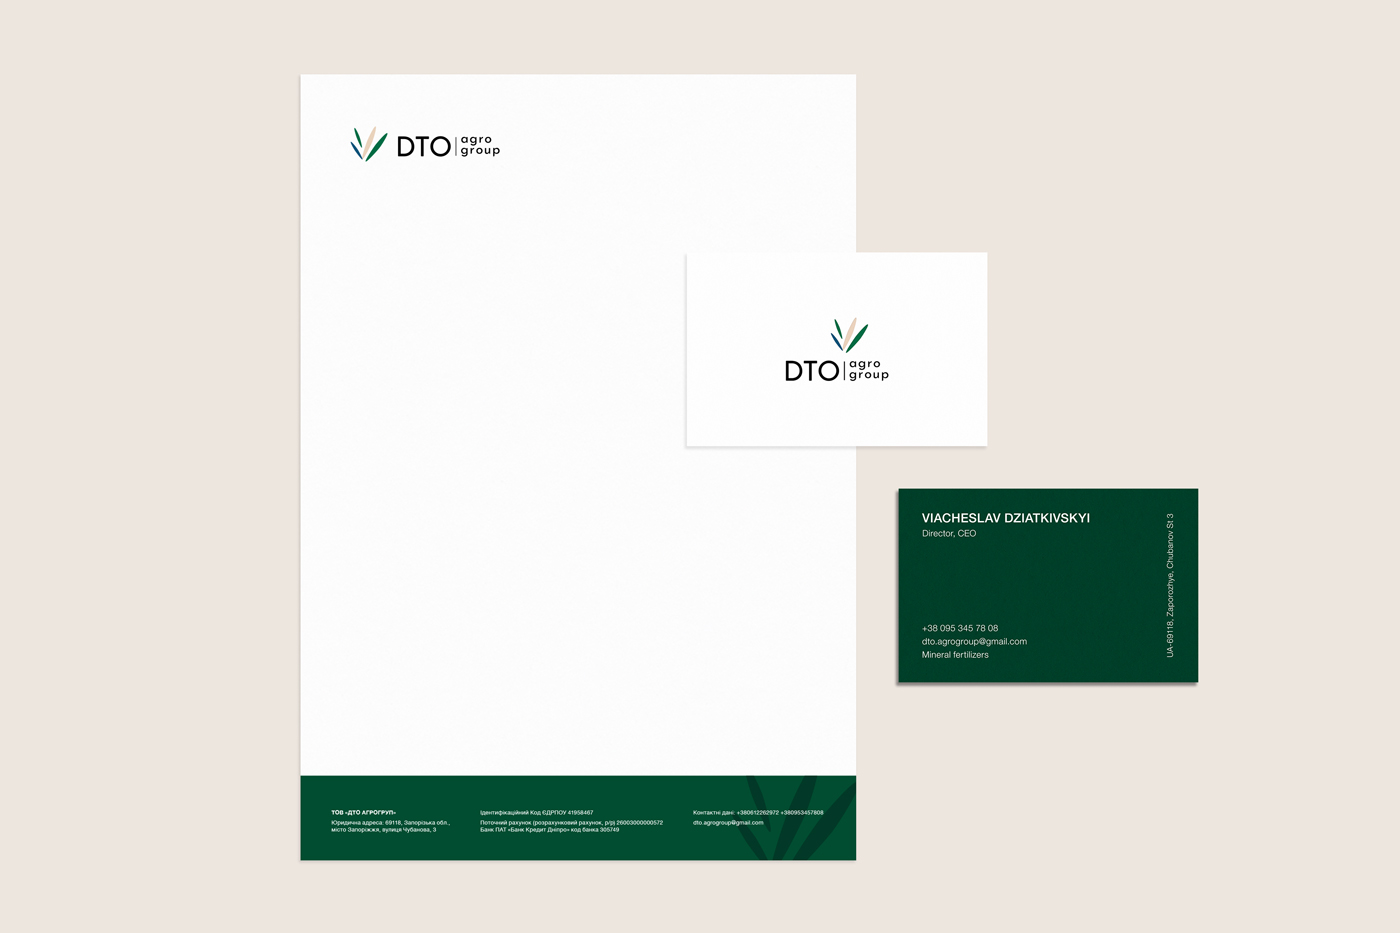 Фирменный стиль и логотип. Бланк и визитки для украинской агрокомпании DTO